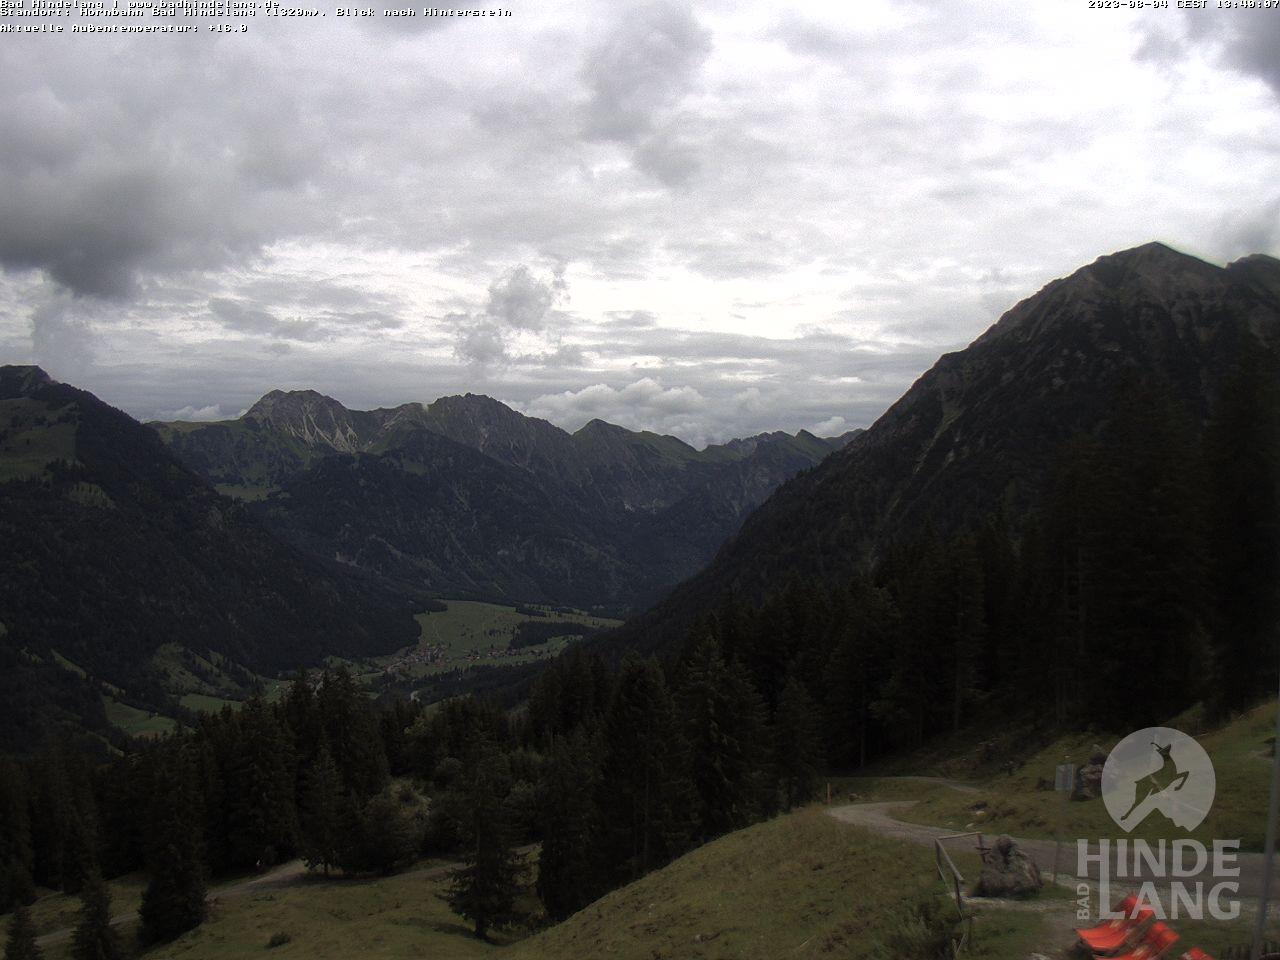 Webcam Bergstation Hindelanger Hornbahn - Ausblick von der Bergstation Hornbahn Hindelang (1.320 Meter) auf Hinterstein